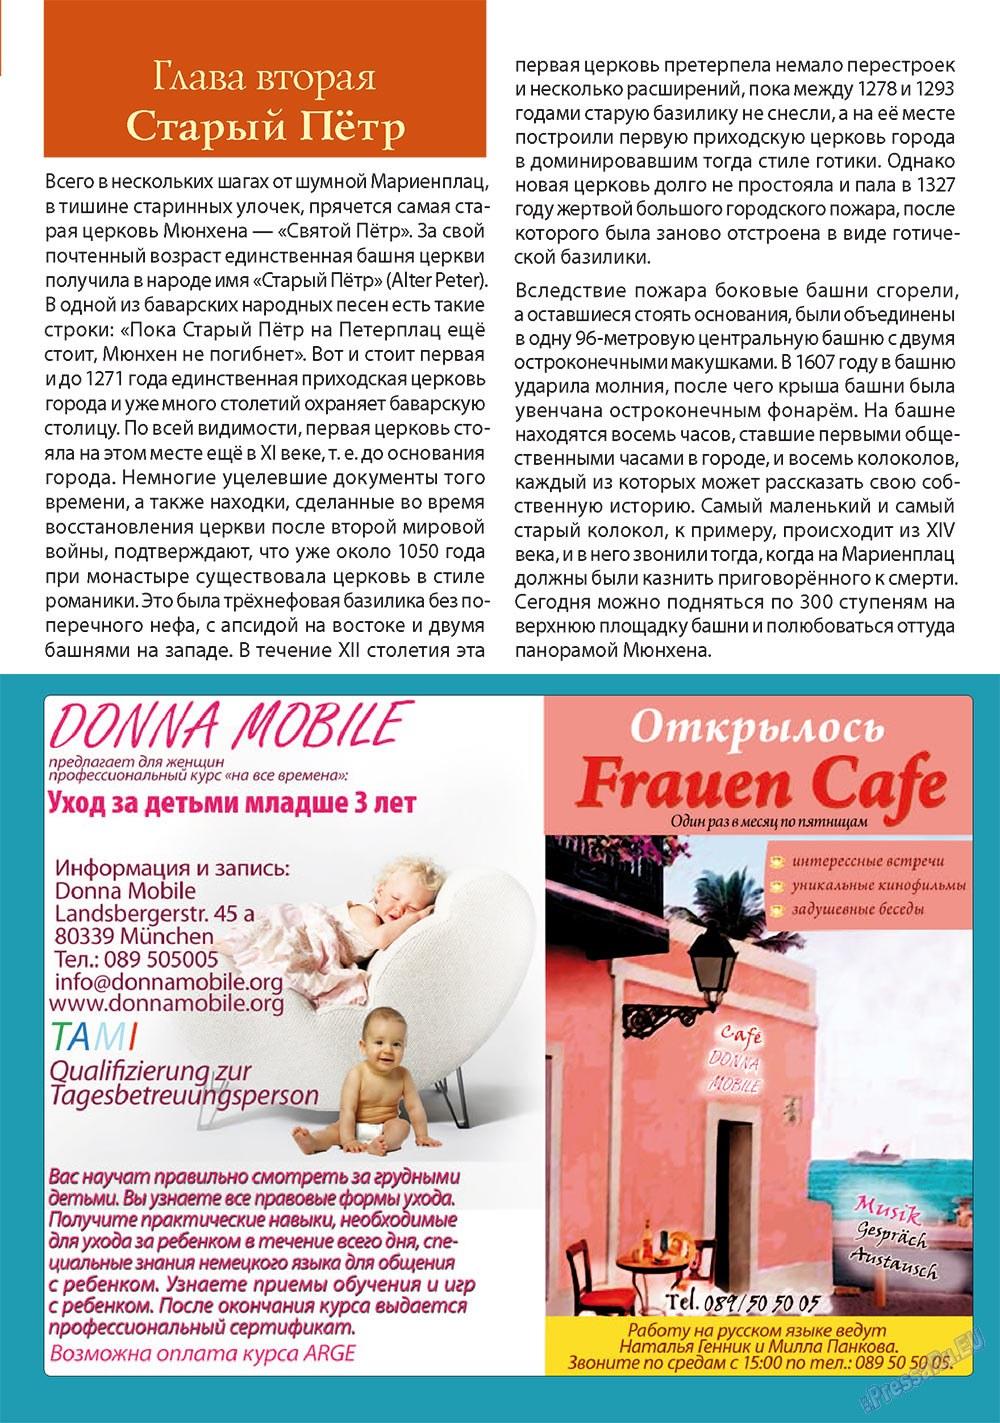 Апельсин (журнал). 2011 год, номер 19, стр. 33